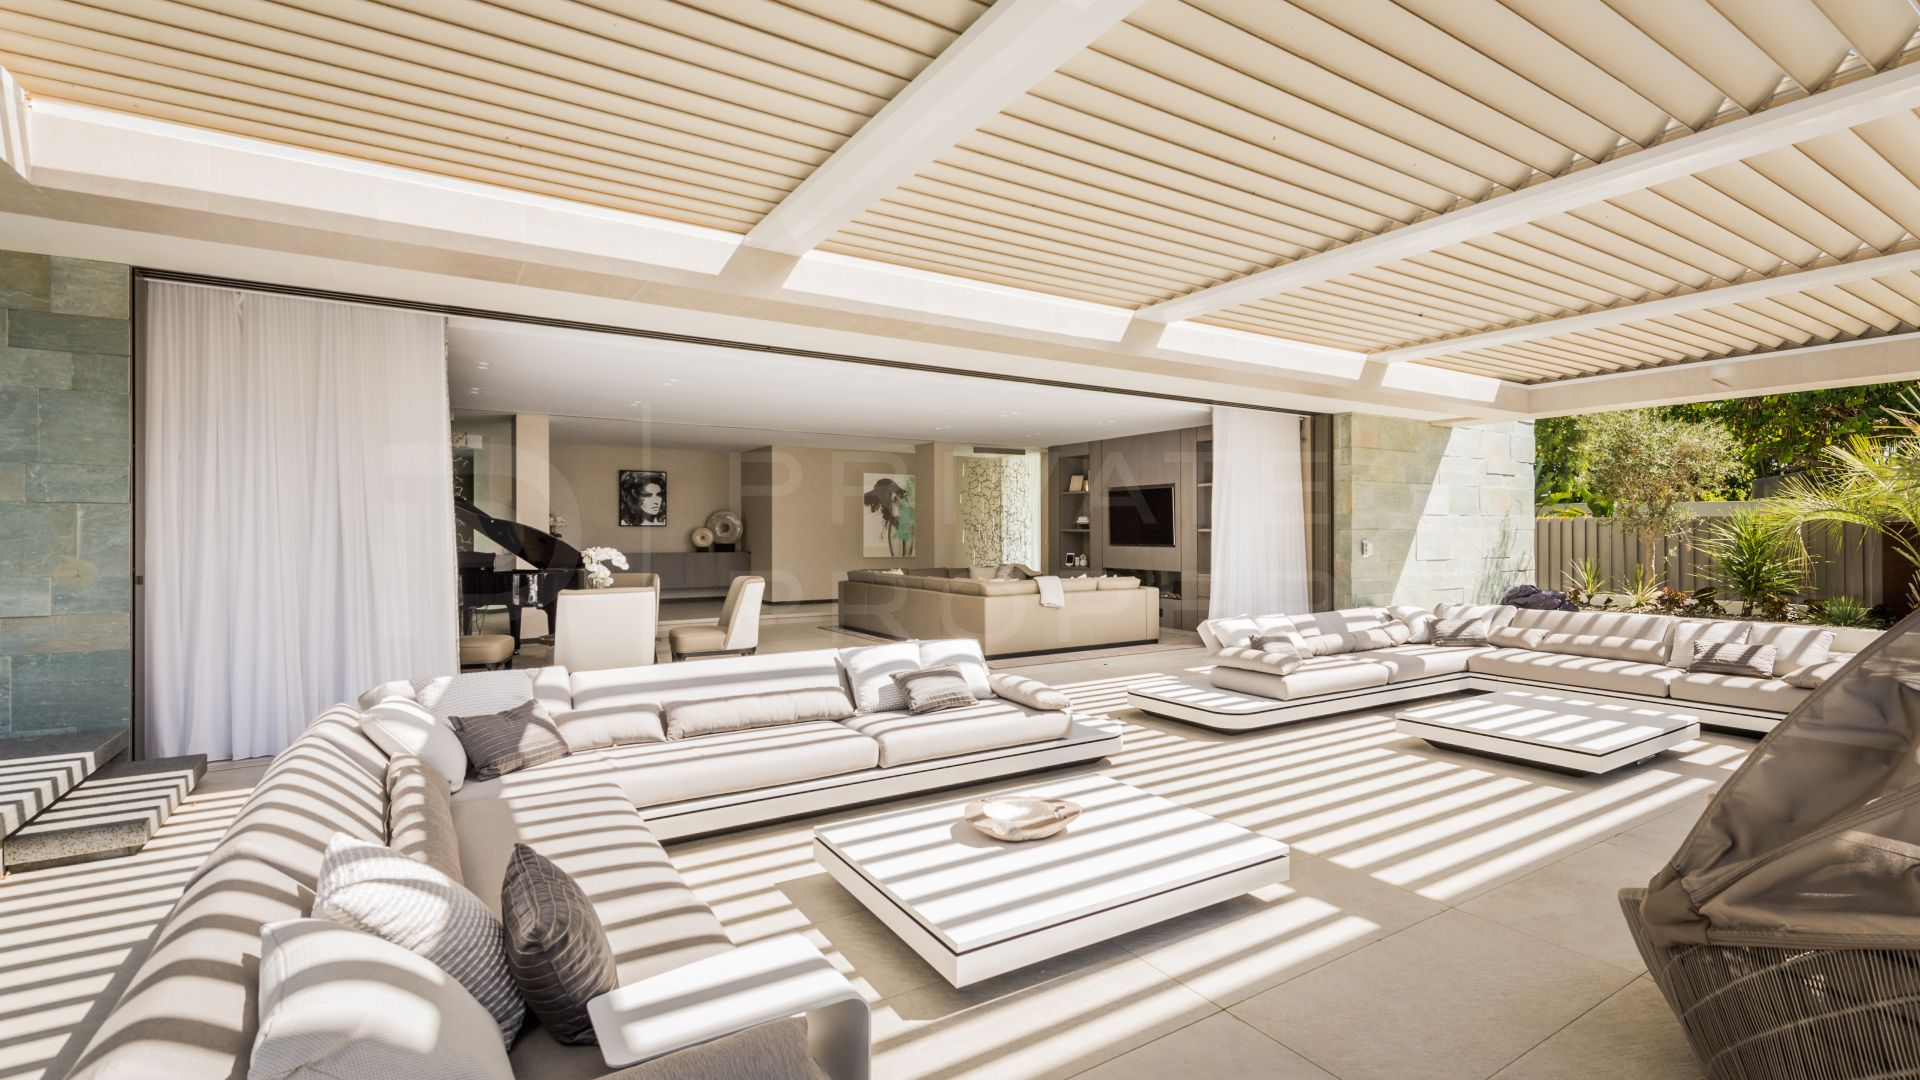 Villa for rent in the Marbella Club